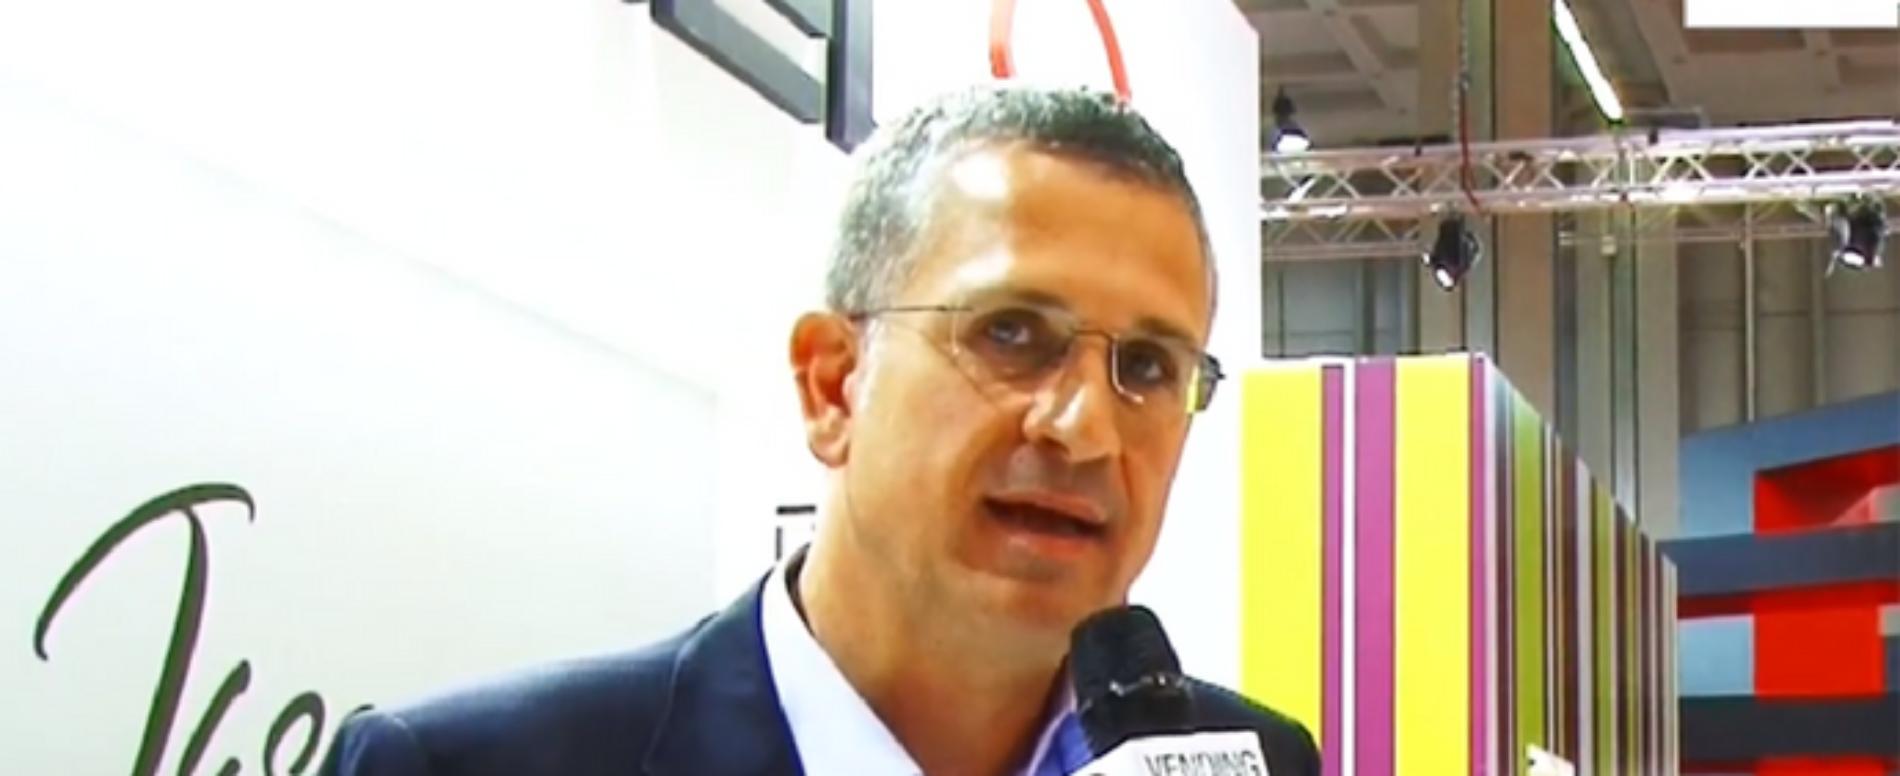 Venditalia 2016. Intervista con Cesare Spinelli di Spinel